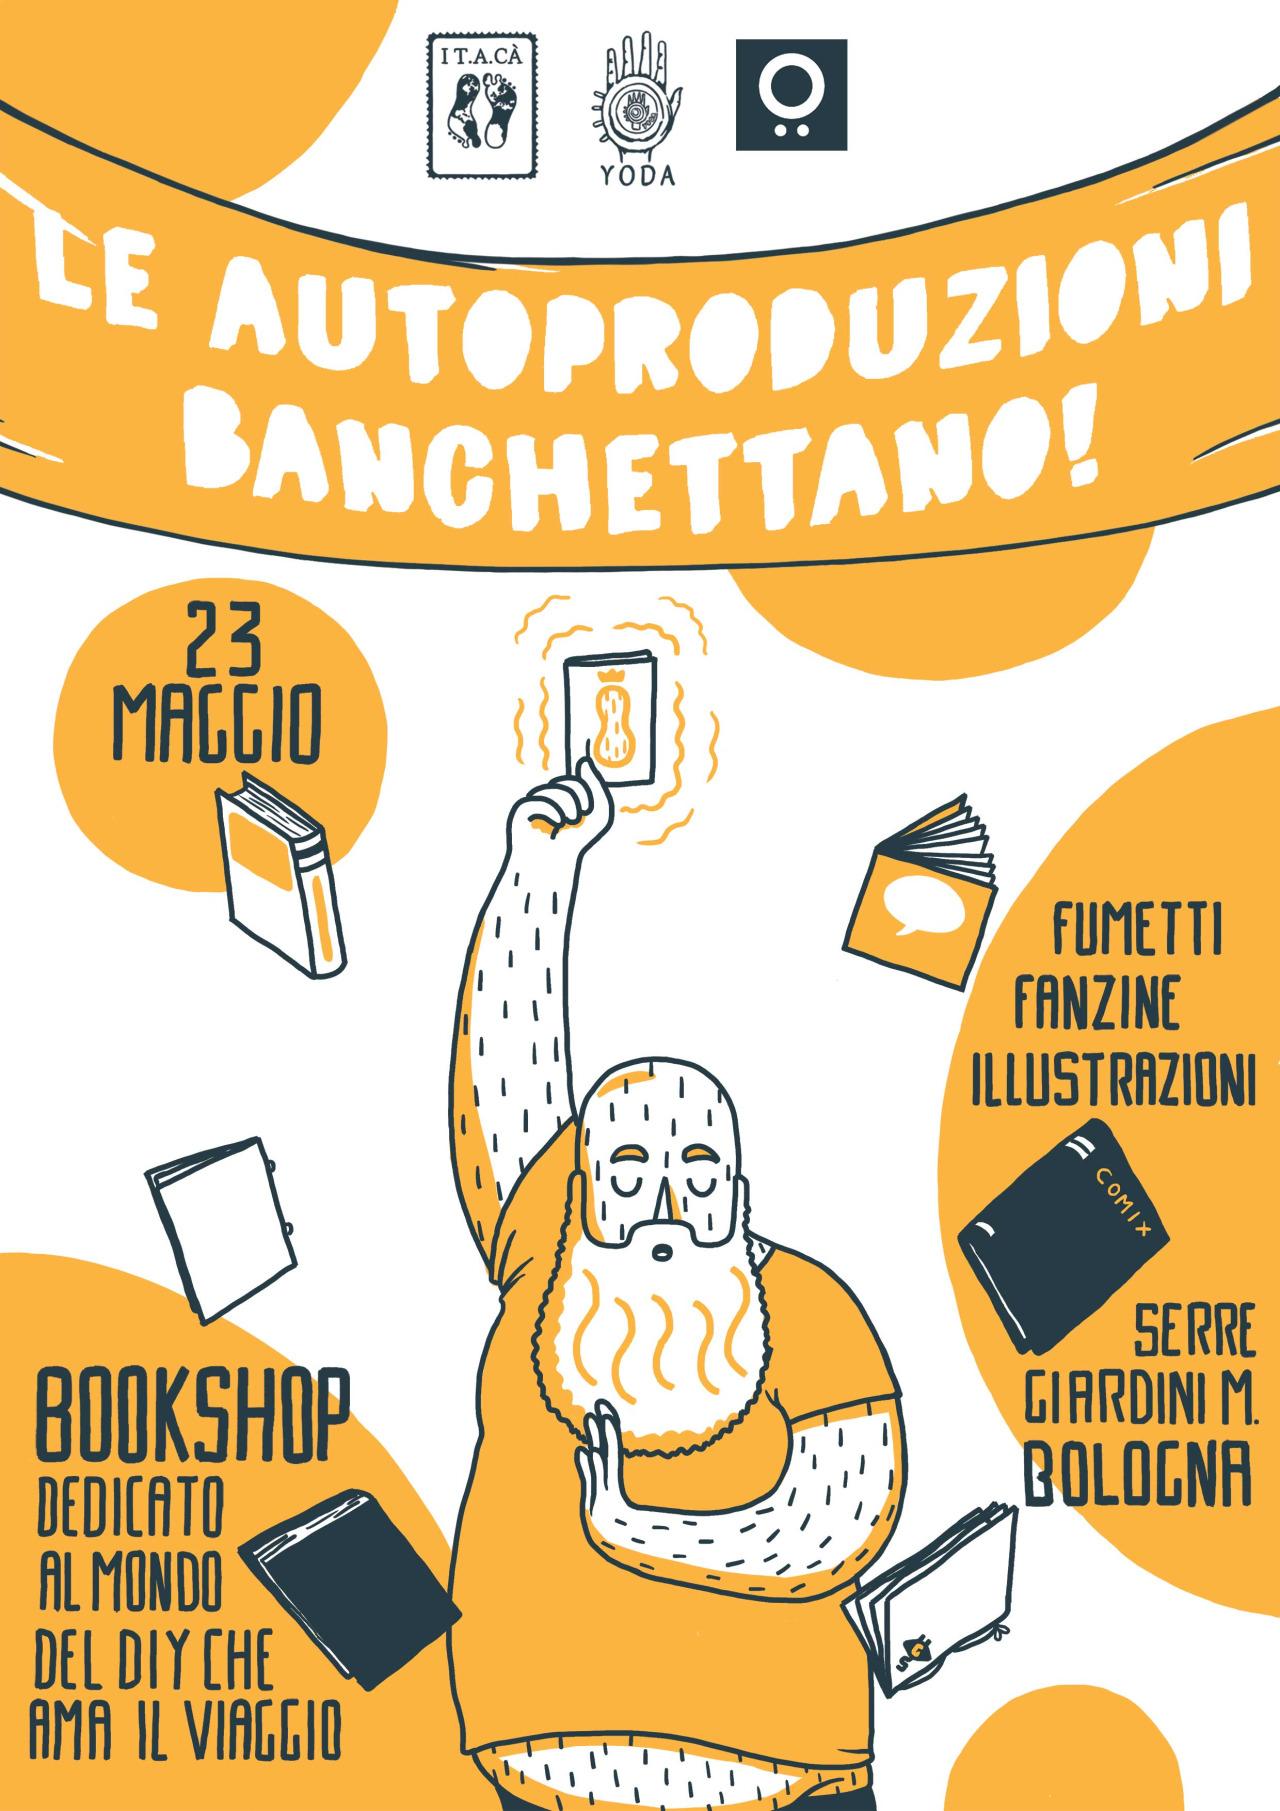 le_autoproduzioni_banchettano_1